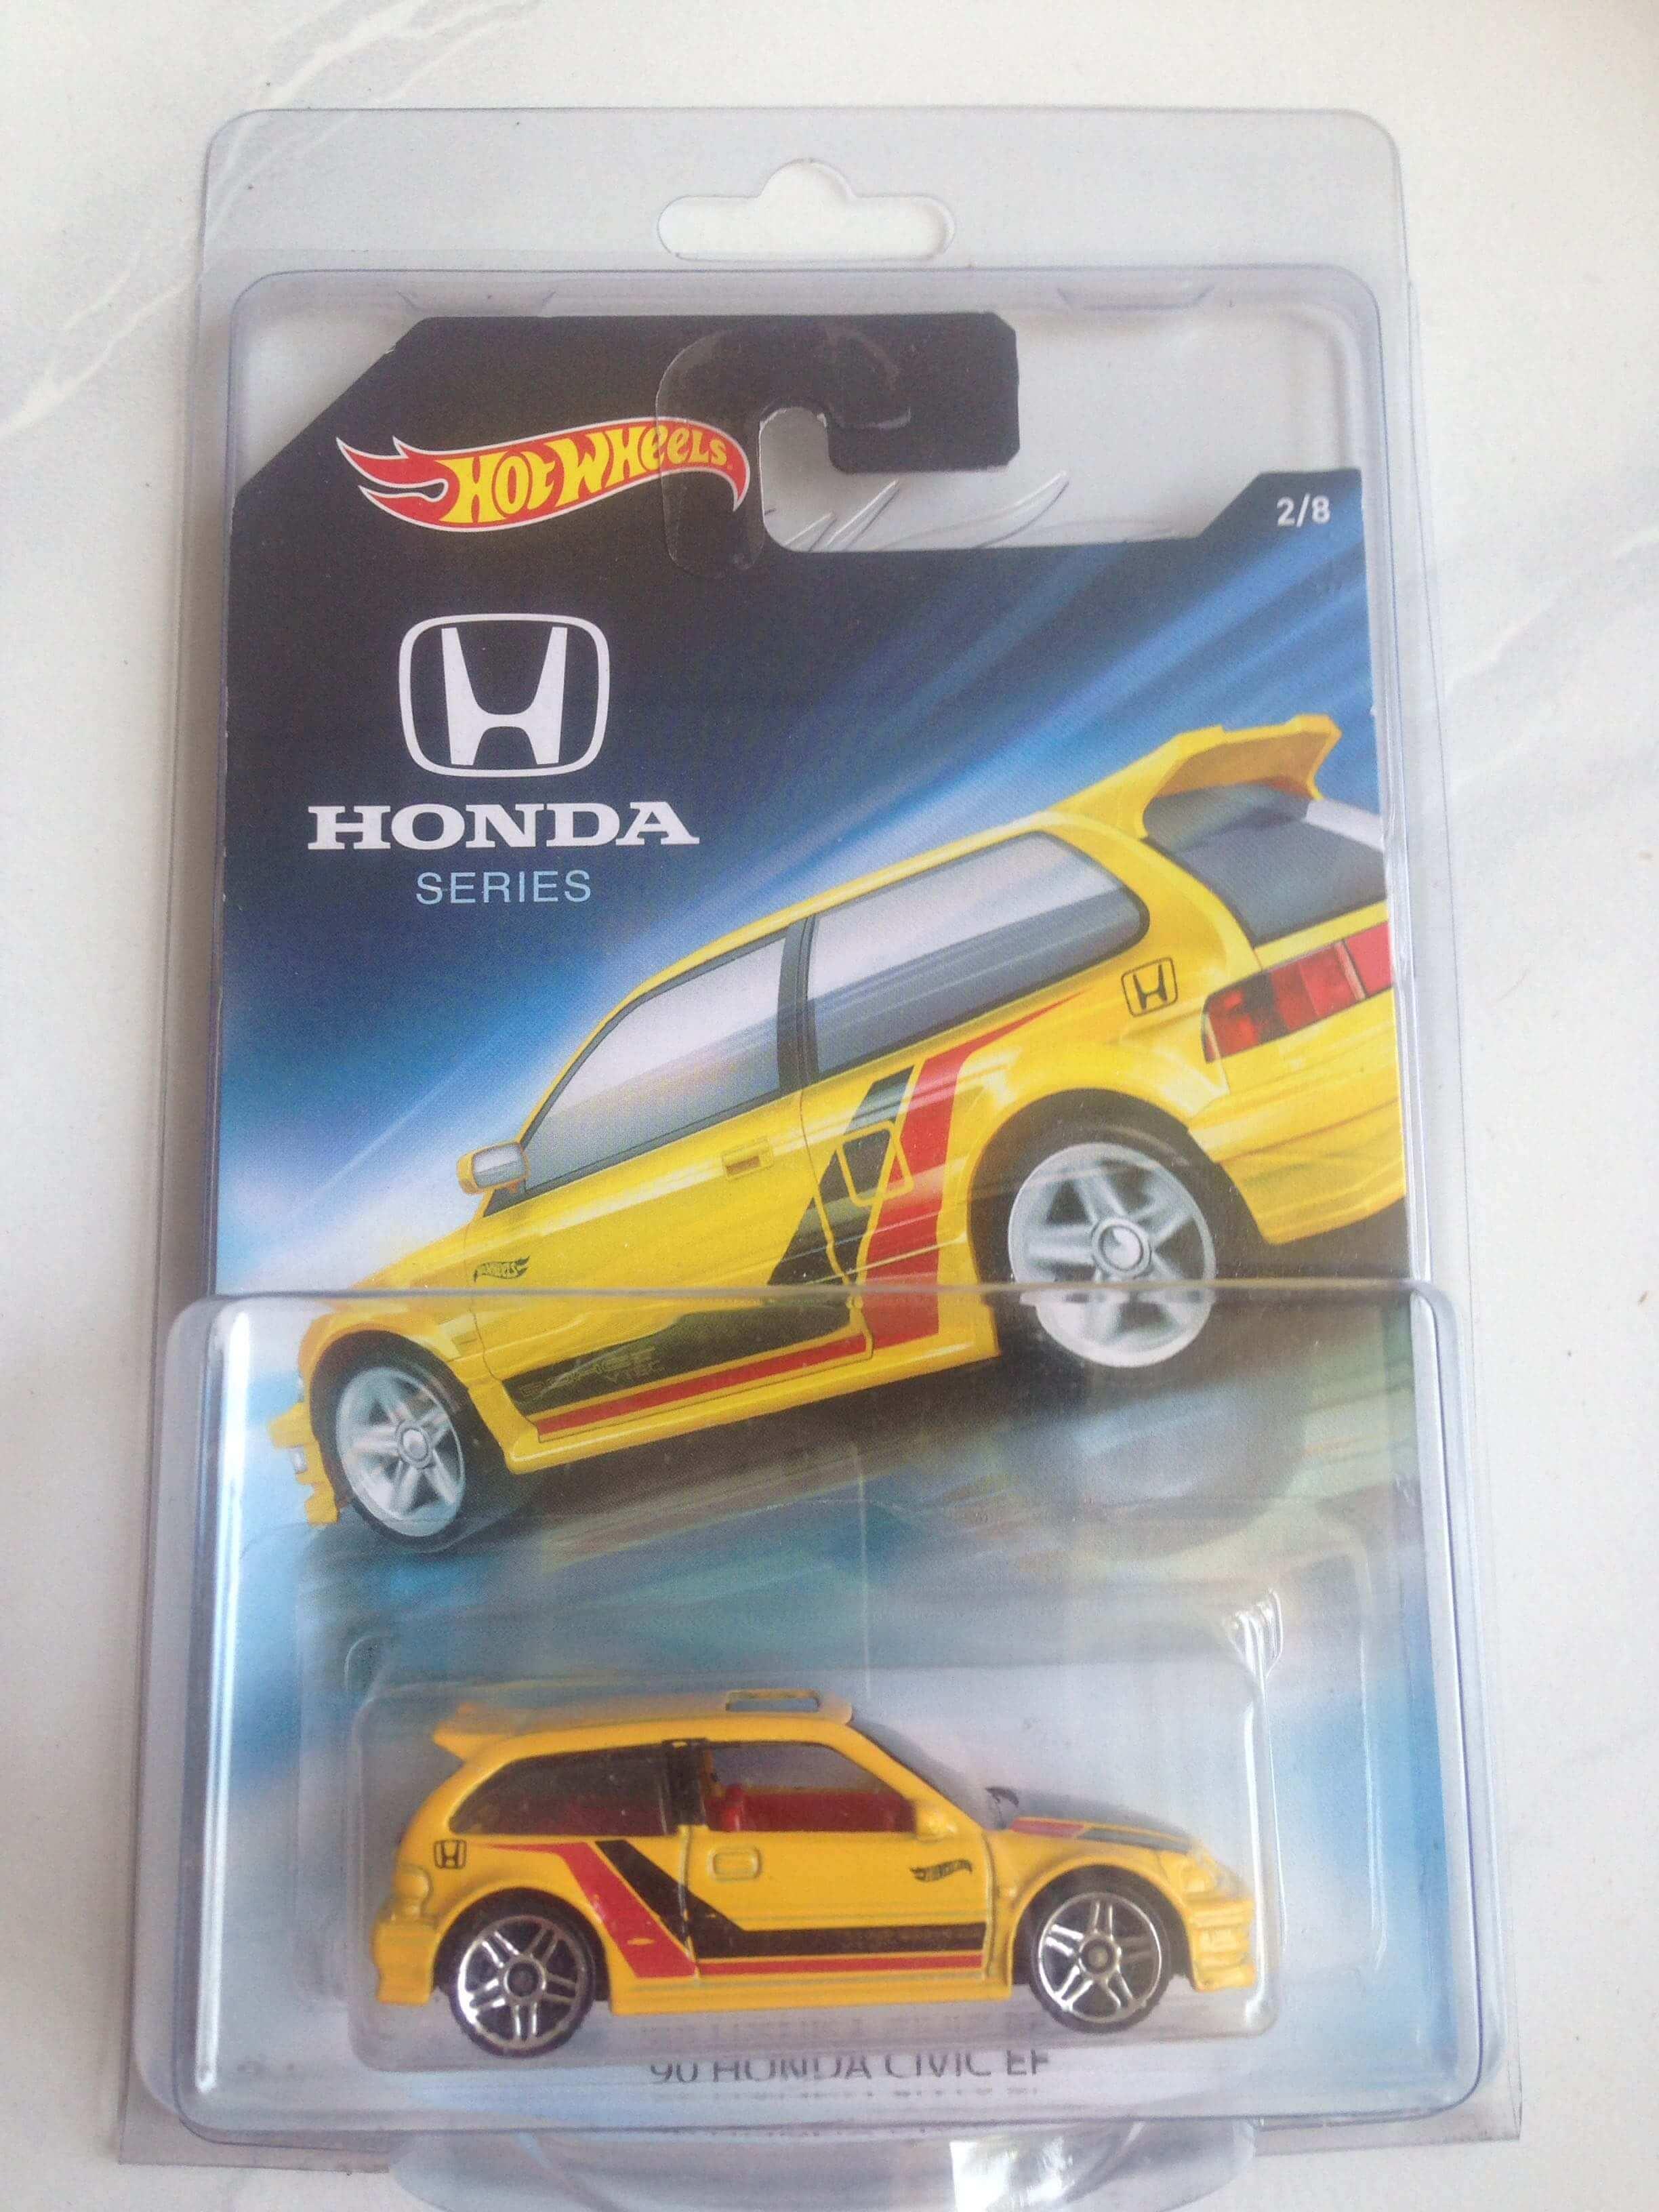 Mobil Hot Wheels Langka Honda Series